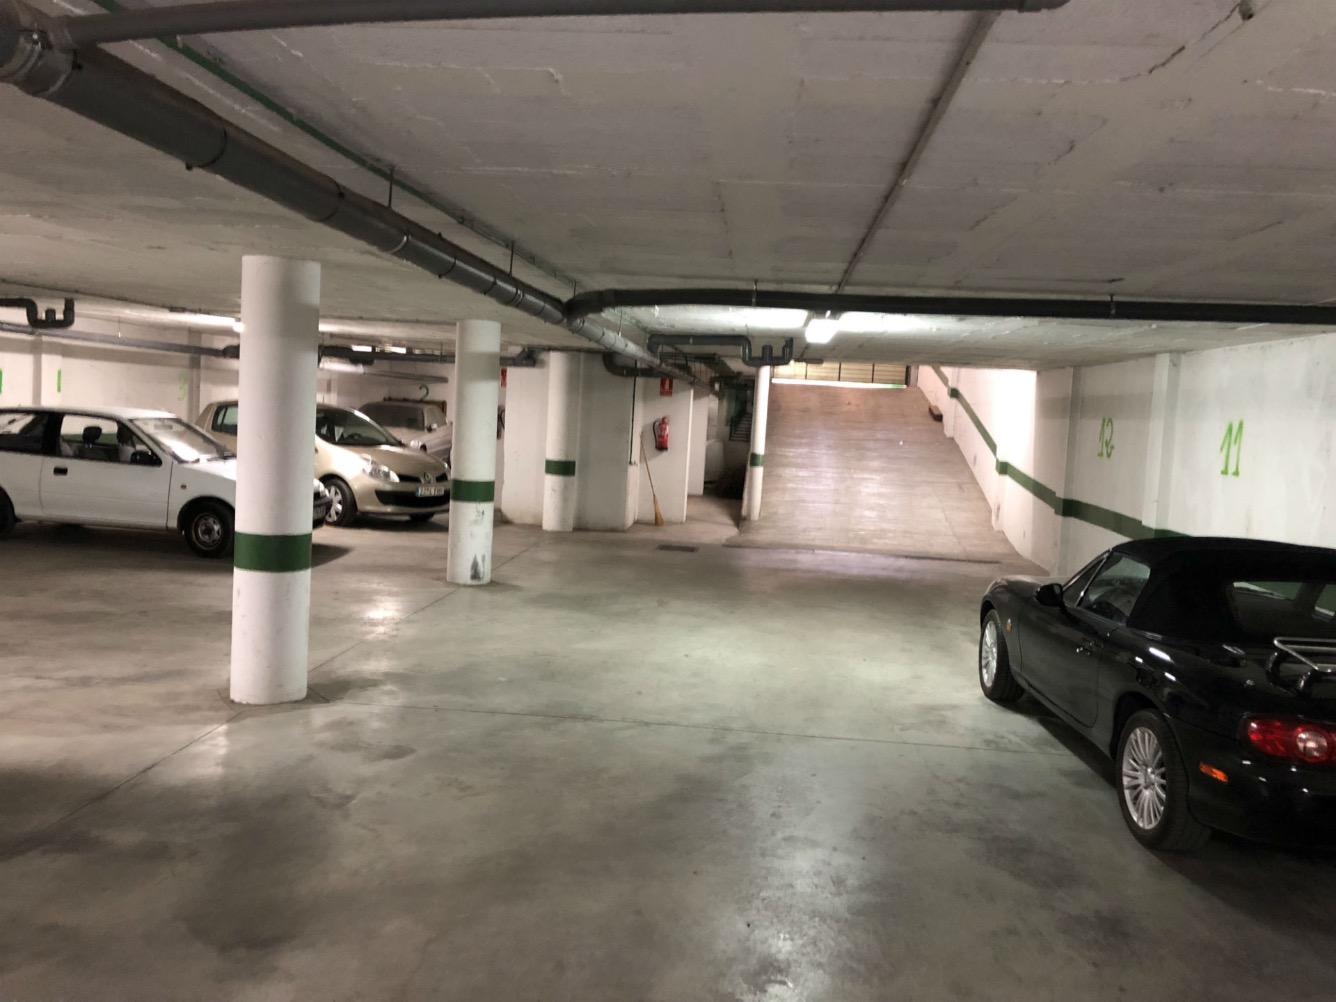 Posto auto  Migjorn - santanyí, zona de - Felanitx. Garage con 10 plazas de parking